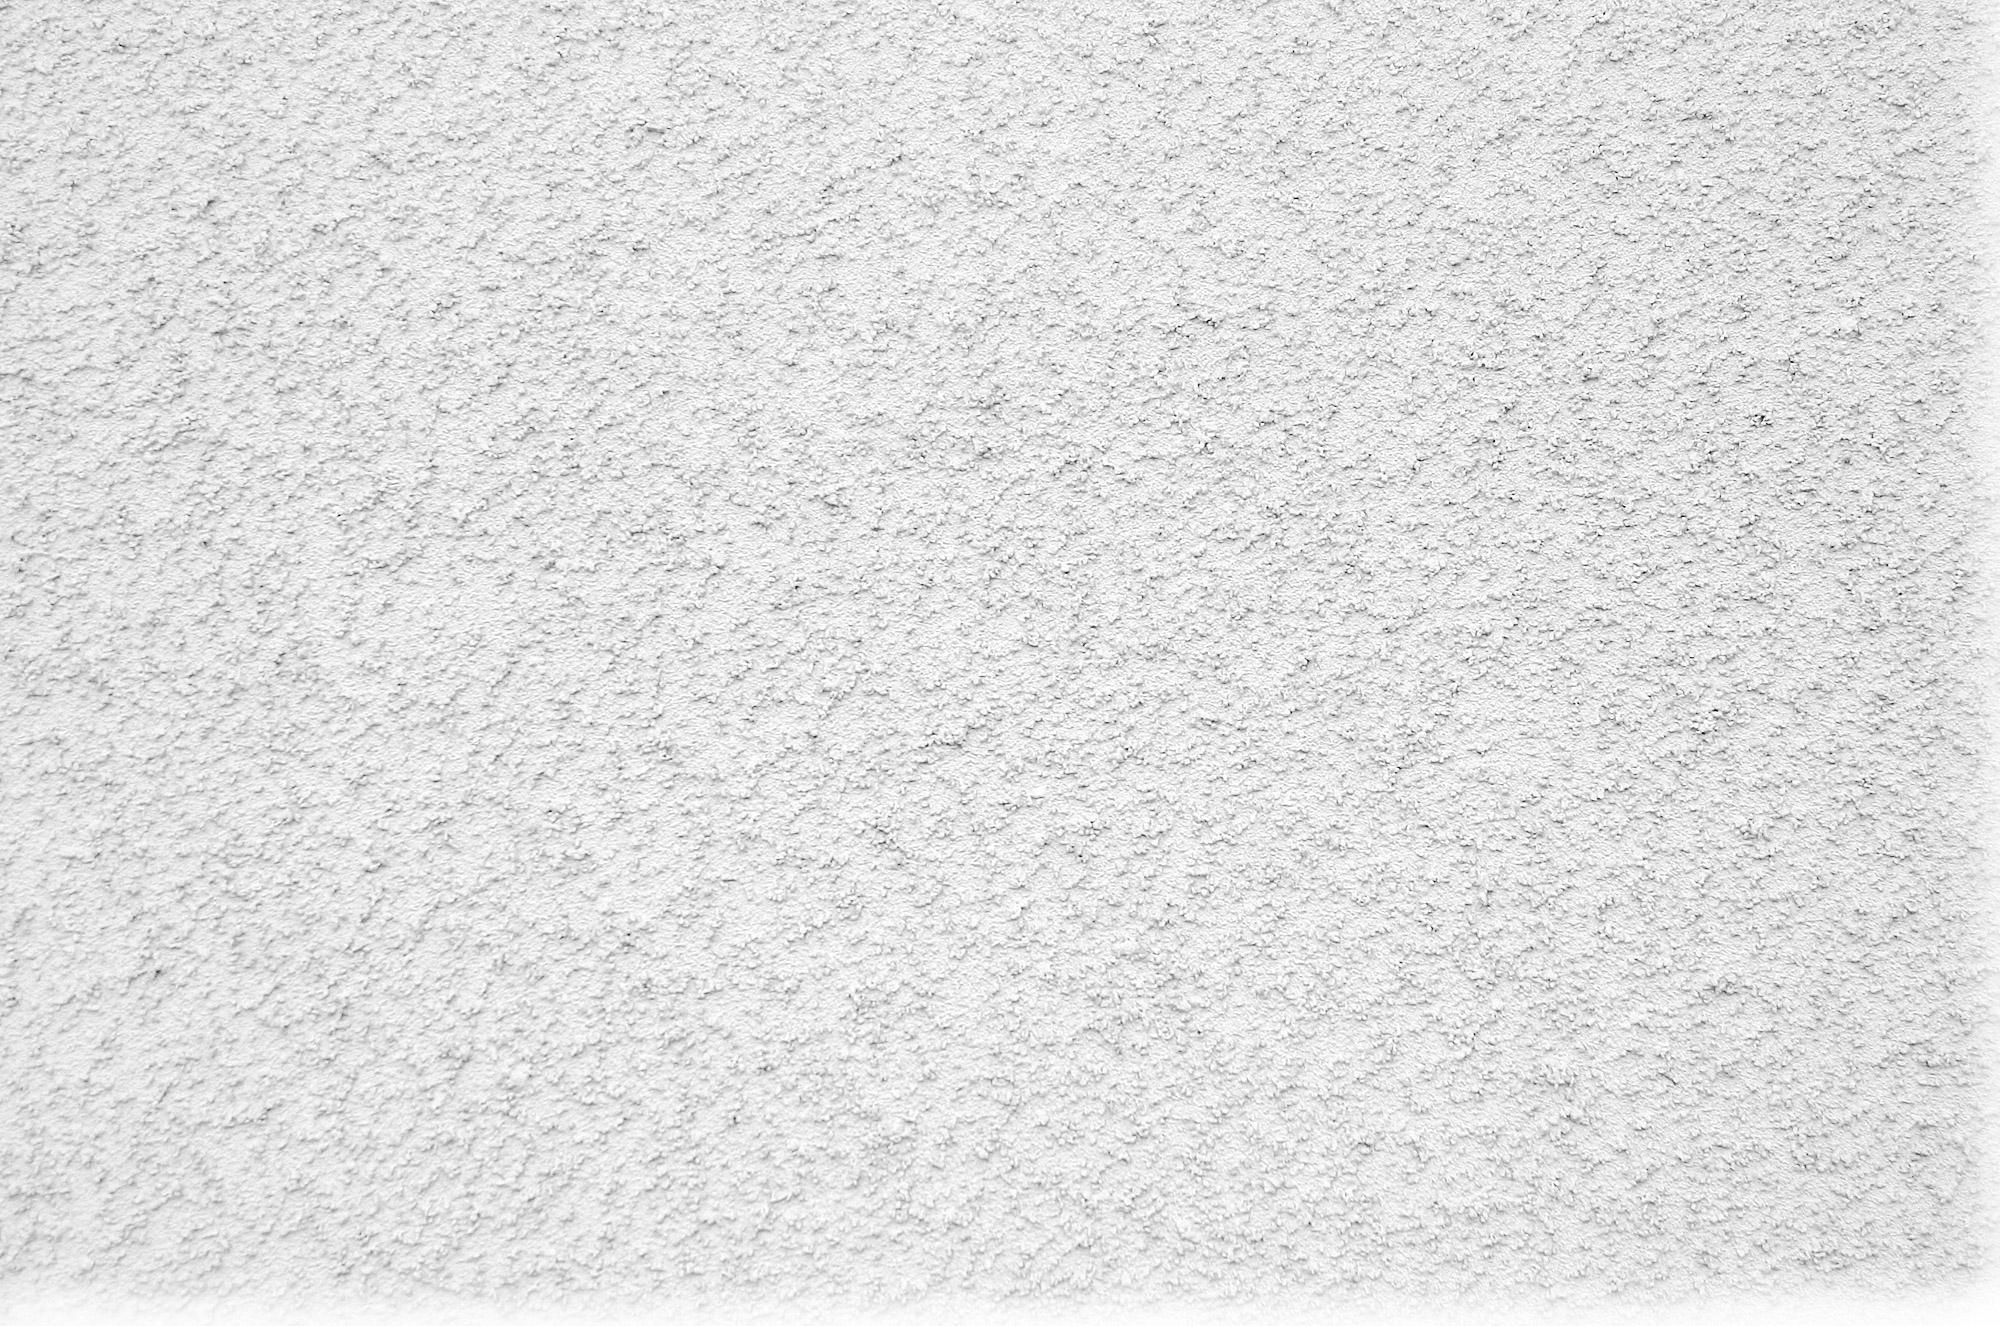 työhakemus sähköpostilla malli raahe